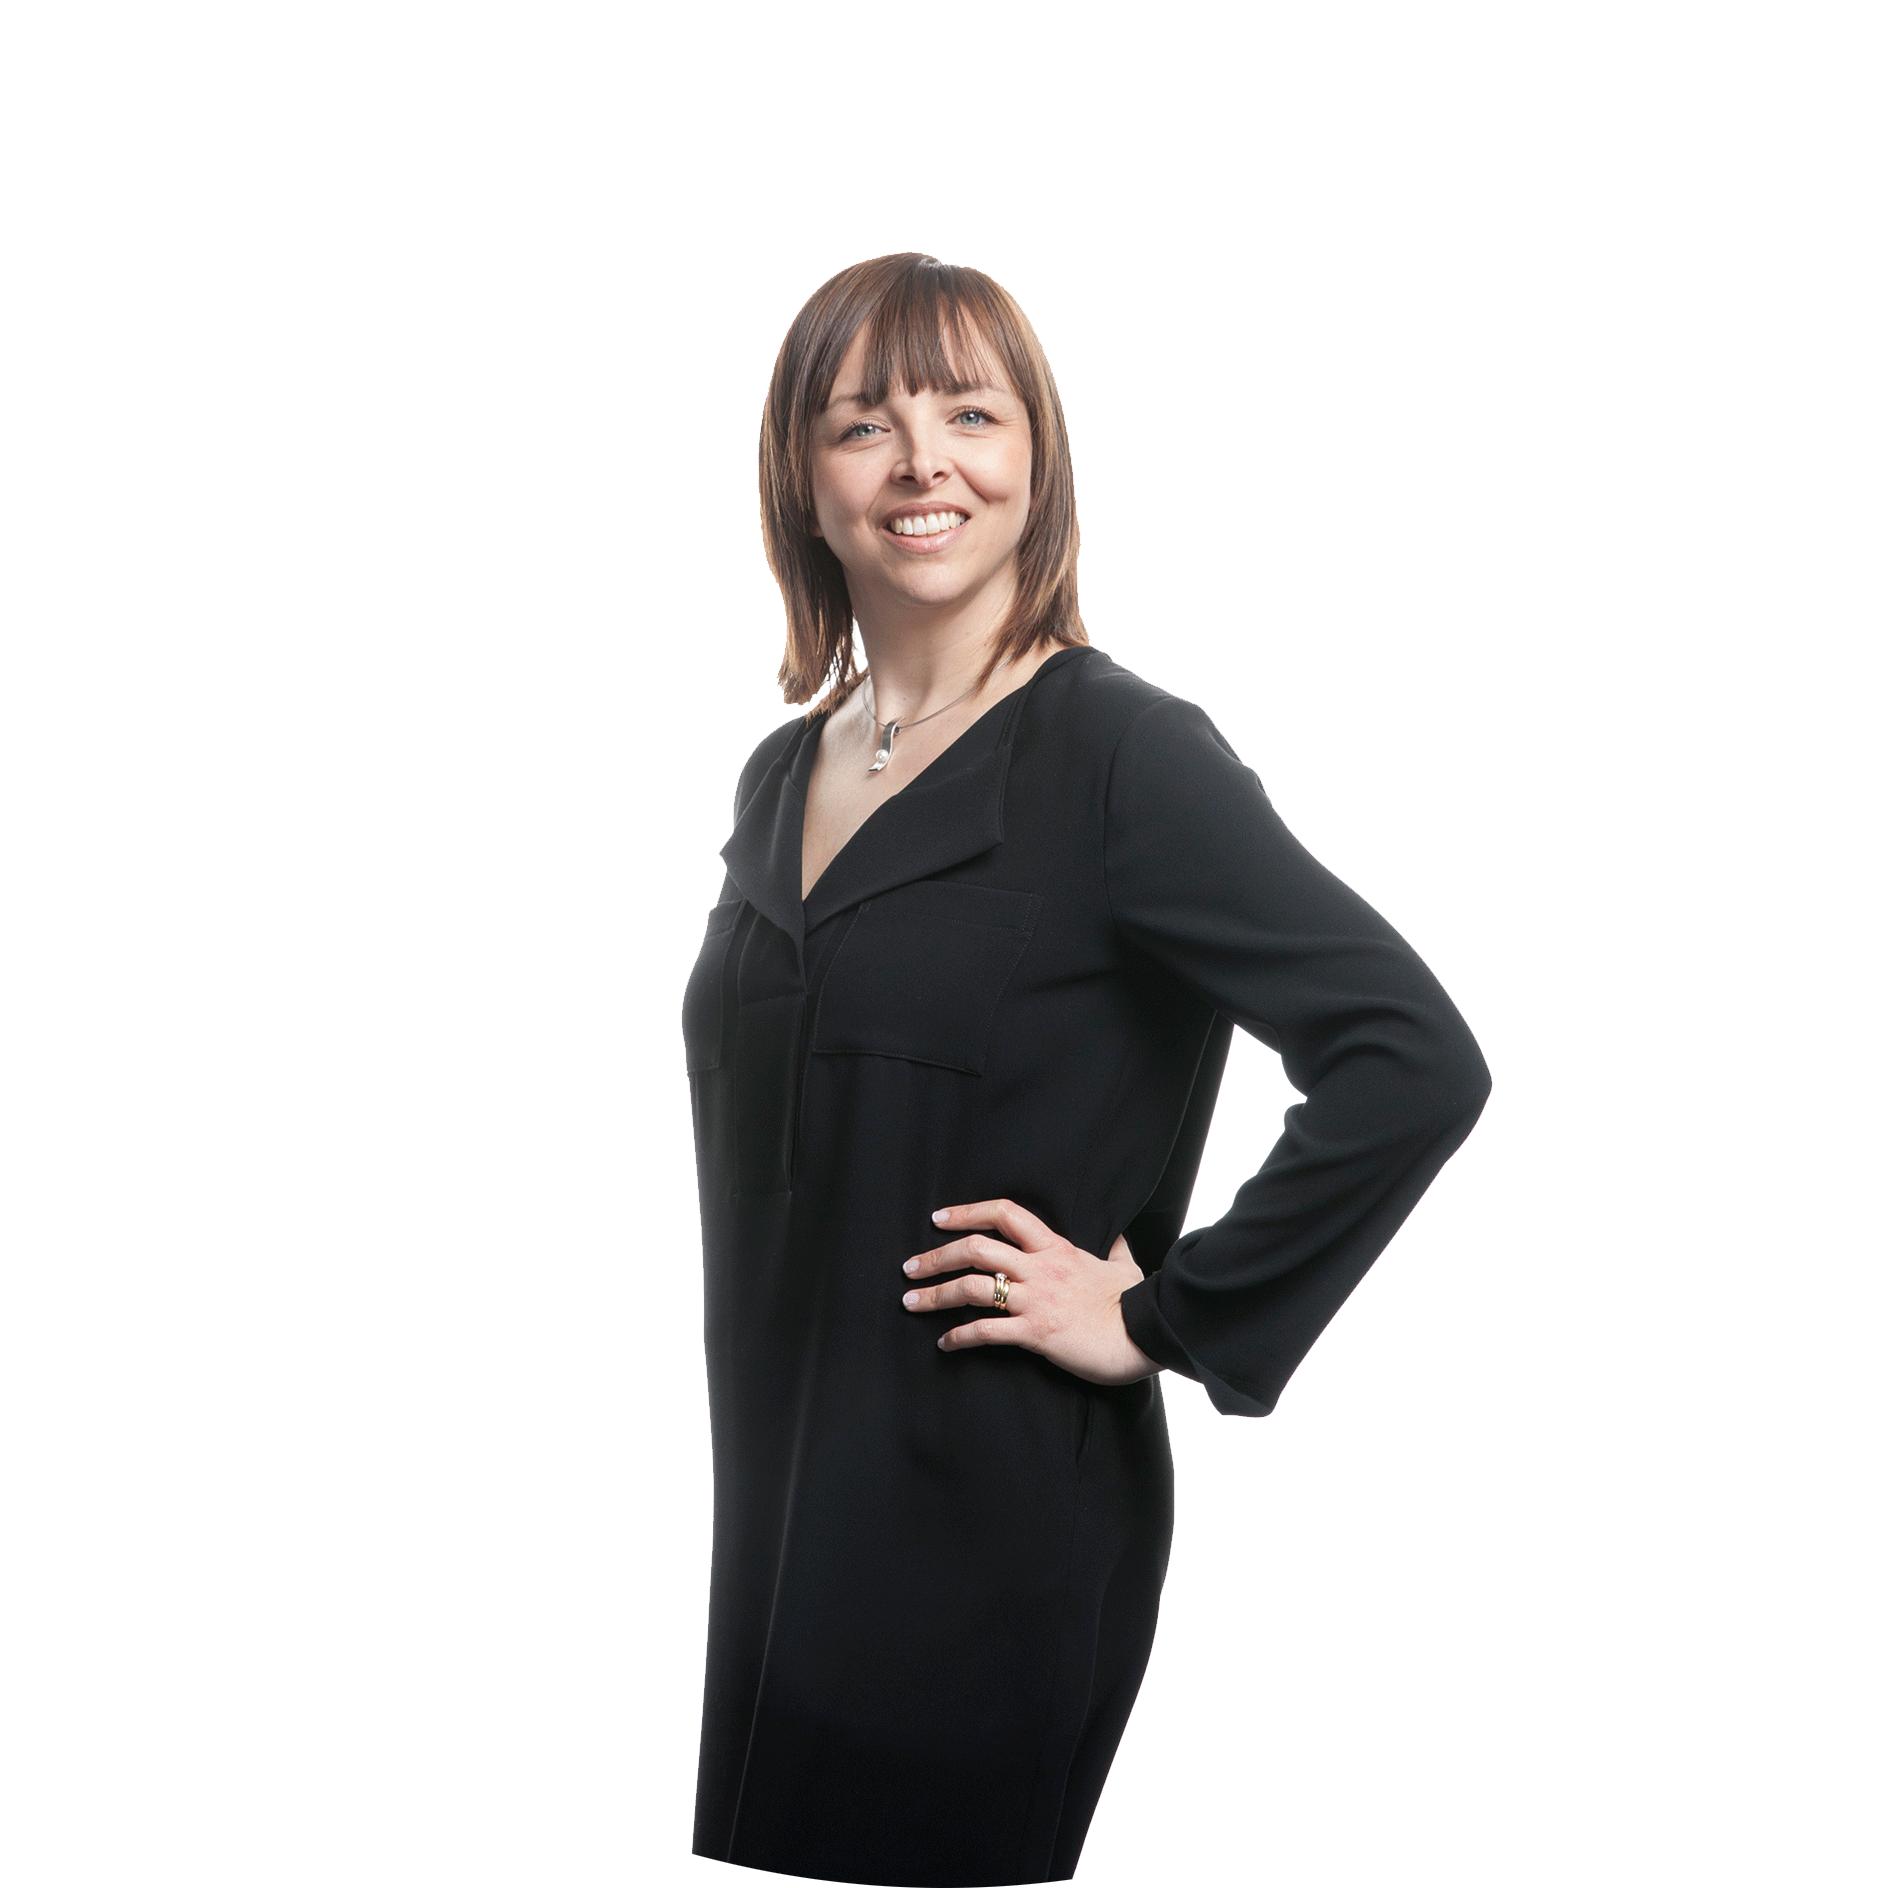 Marianne Van Tilborgh